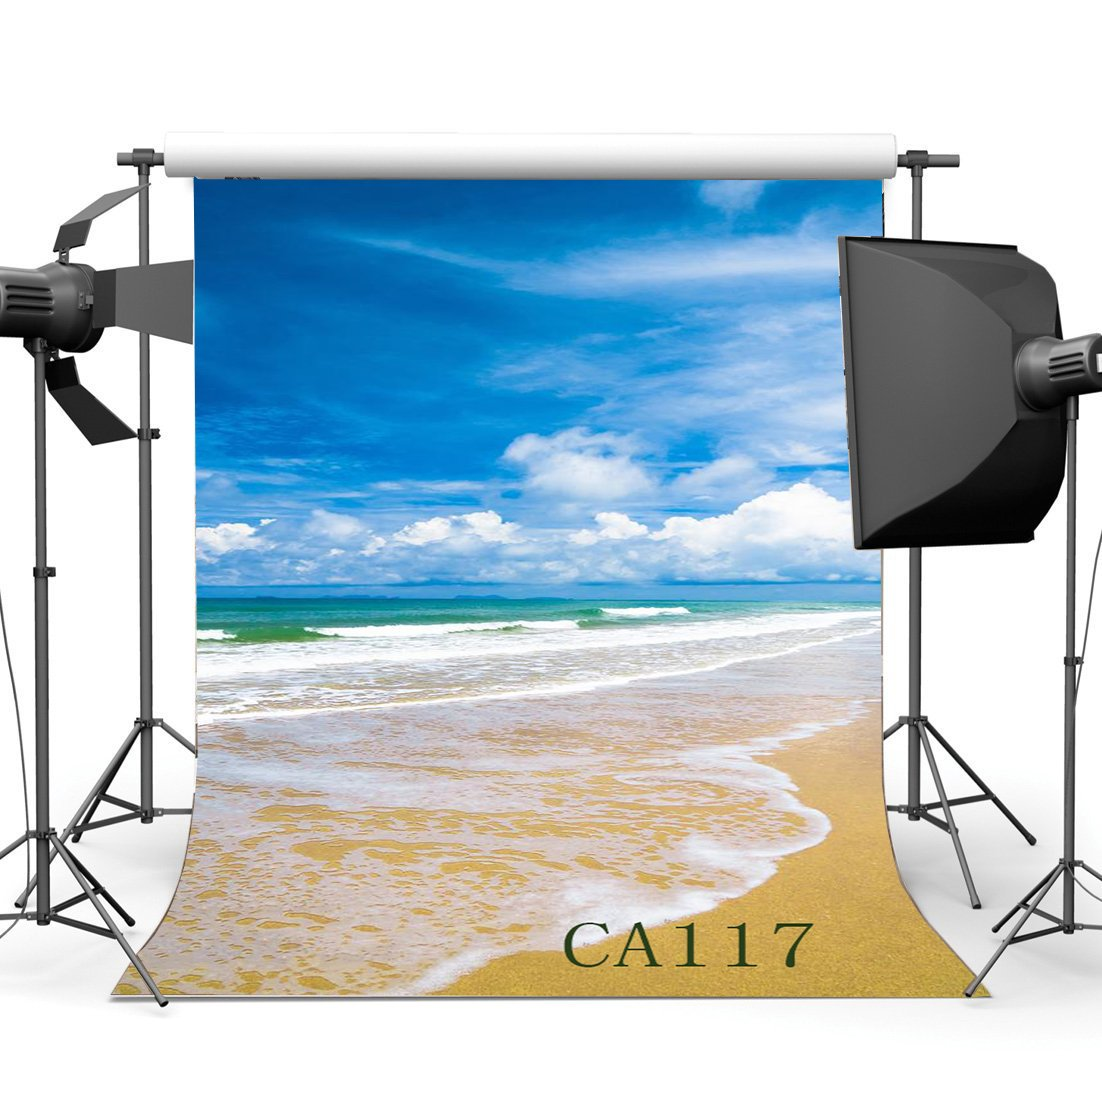 5x7ft фон для фотосъемки море и океан песок пляж и голубое небо белые облака новорожденные дети малышей портреты фон-in Фон from Бытовая электроника